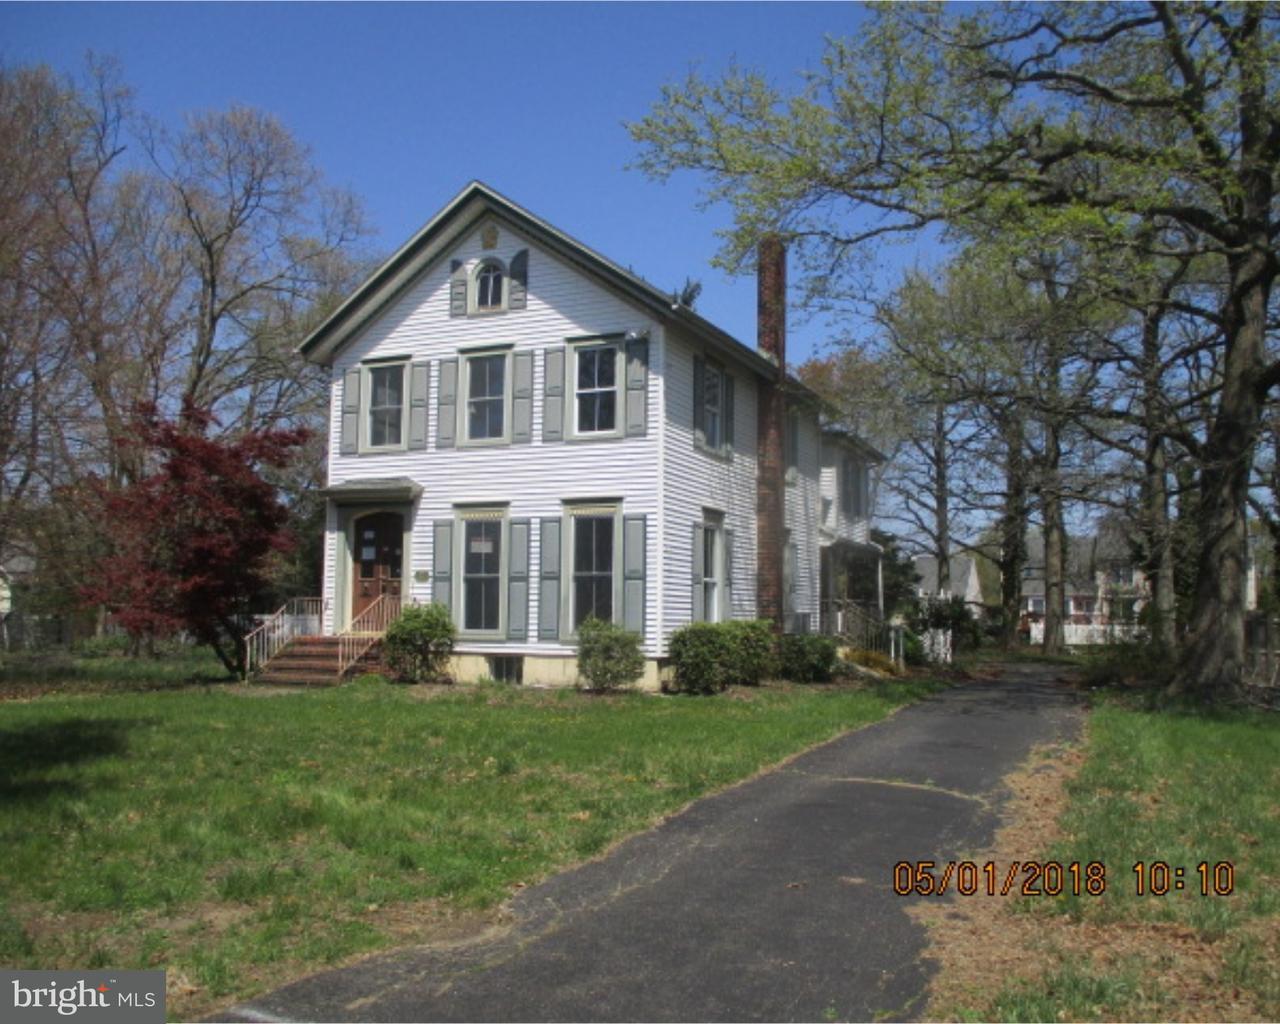 Частный односемейный дом для того Продажа на 1018 PERKINS Lane Beverly, Нью-Джерси 08010 Соединенные Штаты